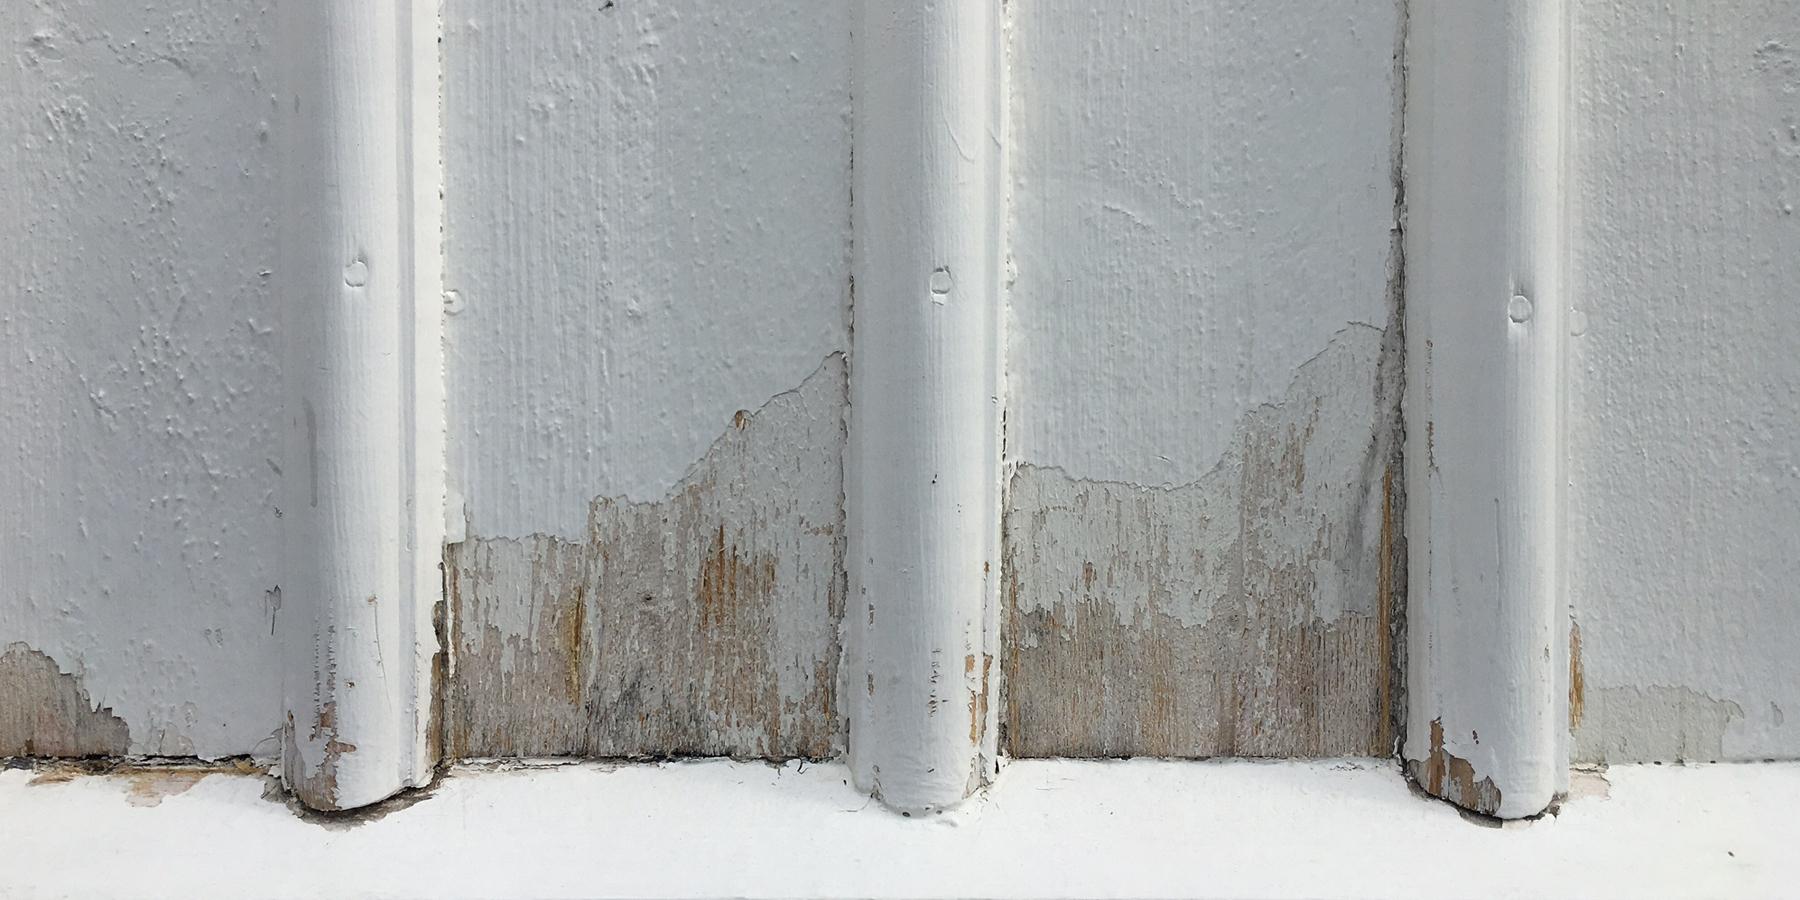 Tidigare målad sliten panel med flagnade/renskrapade ytor